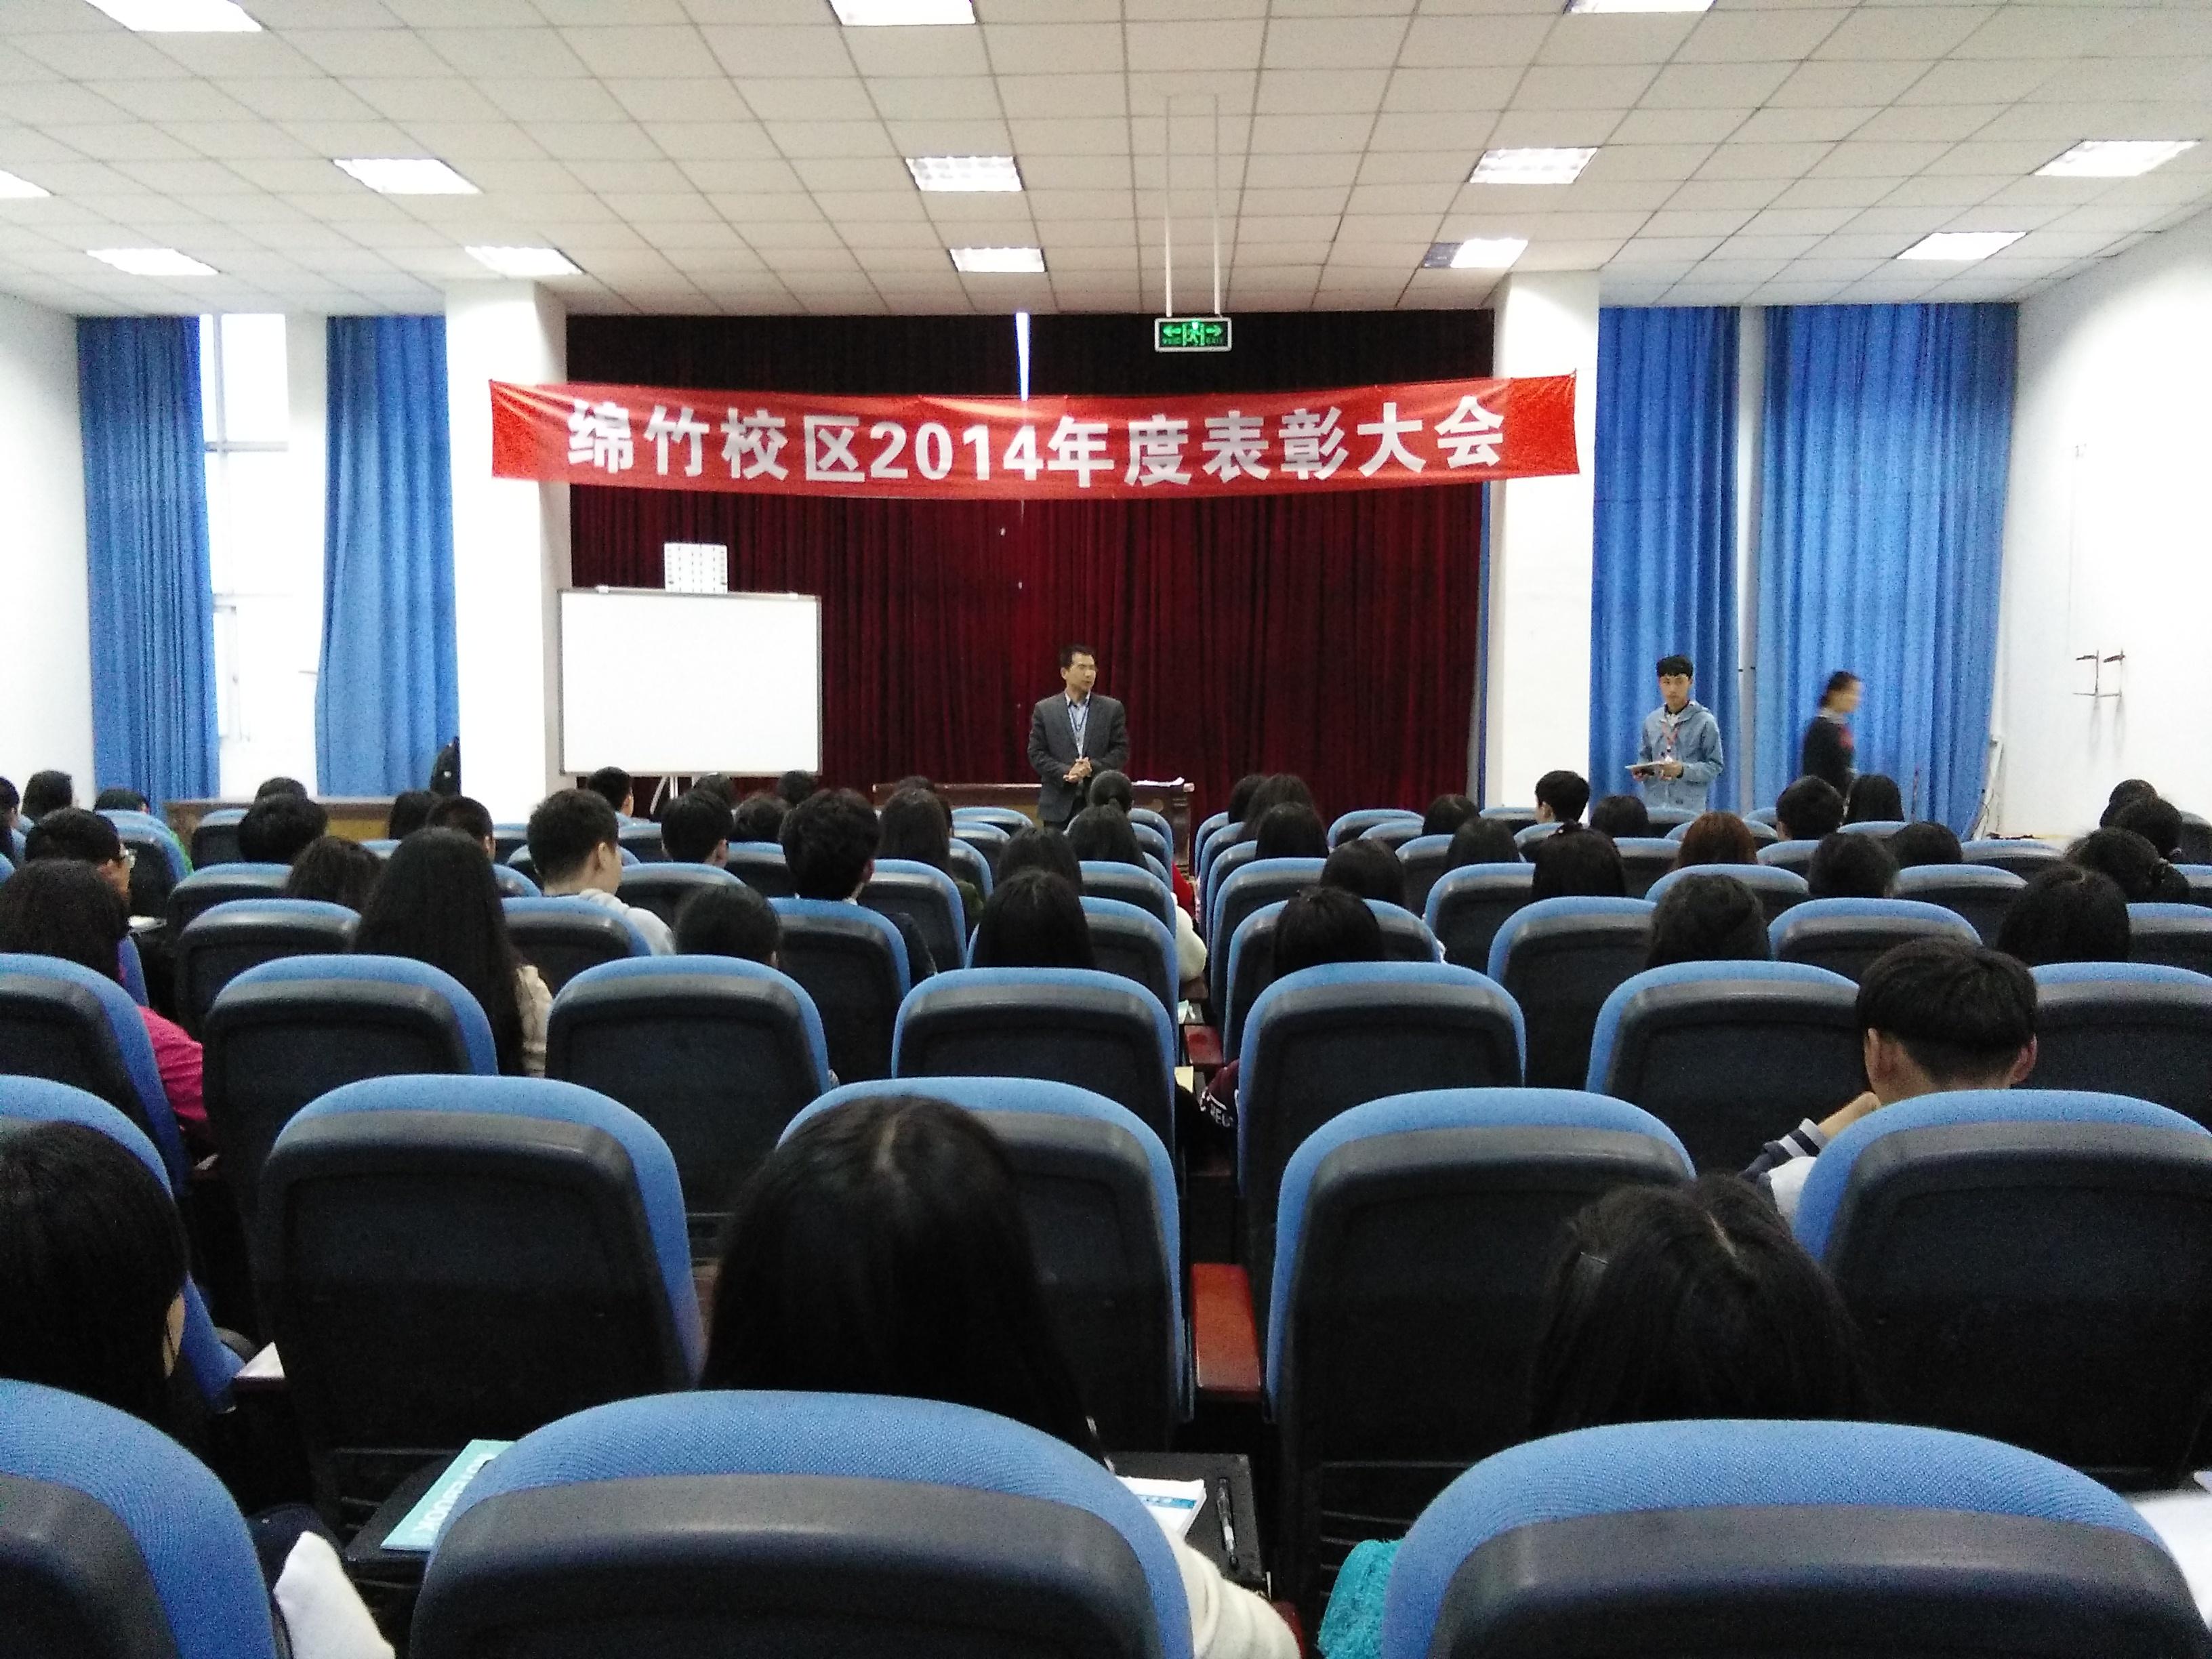 川大职业技术学院-学习制度,发挥模范带头作用,四川大学职业学校